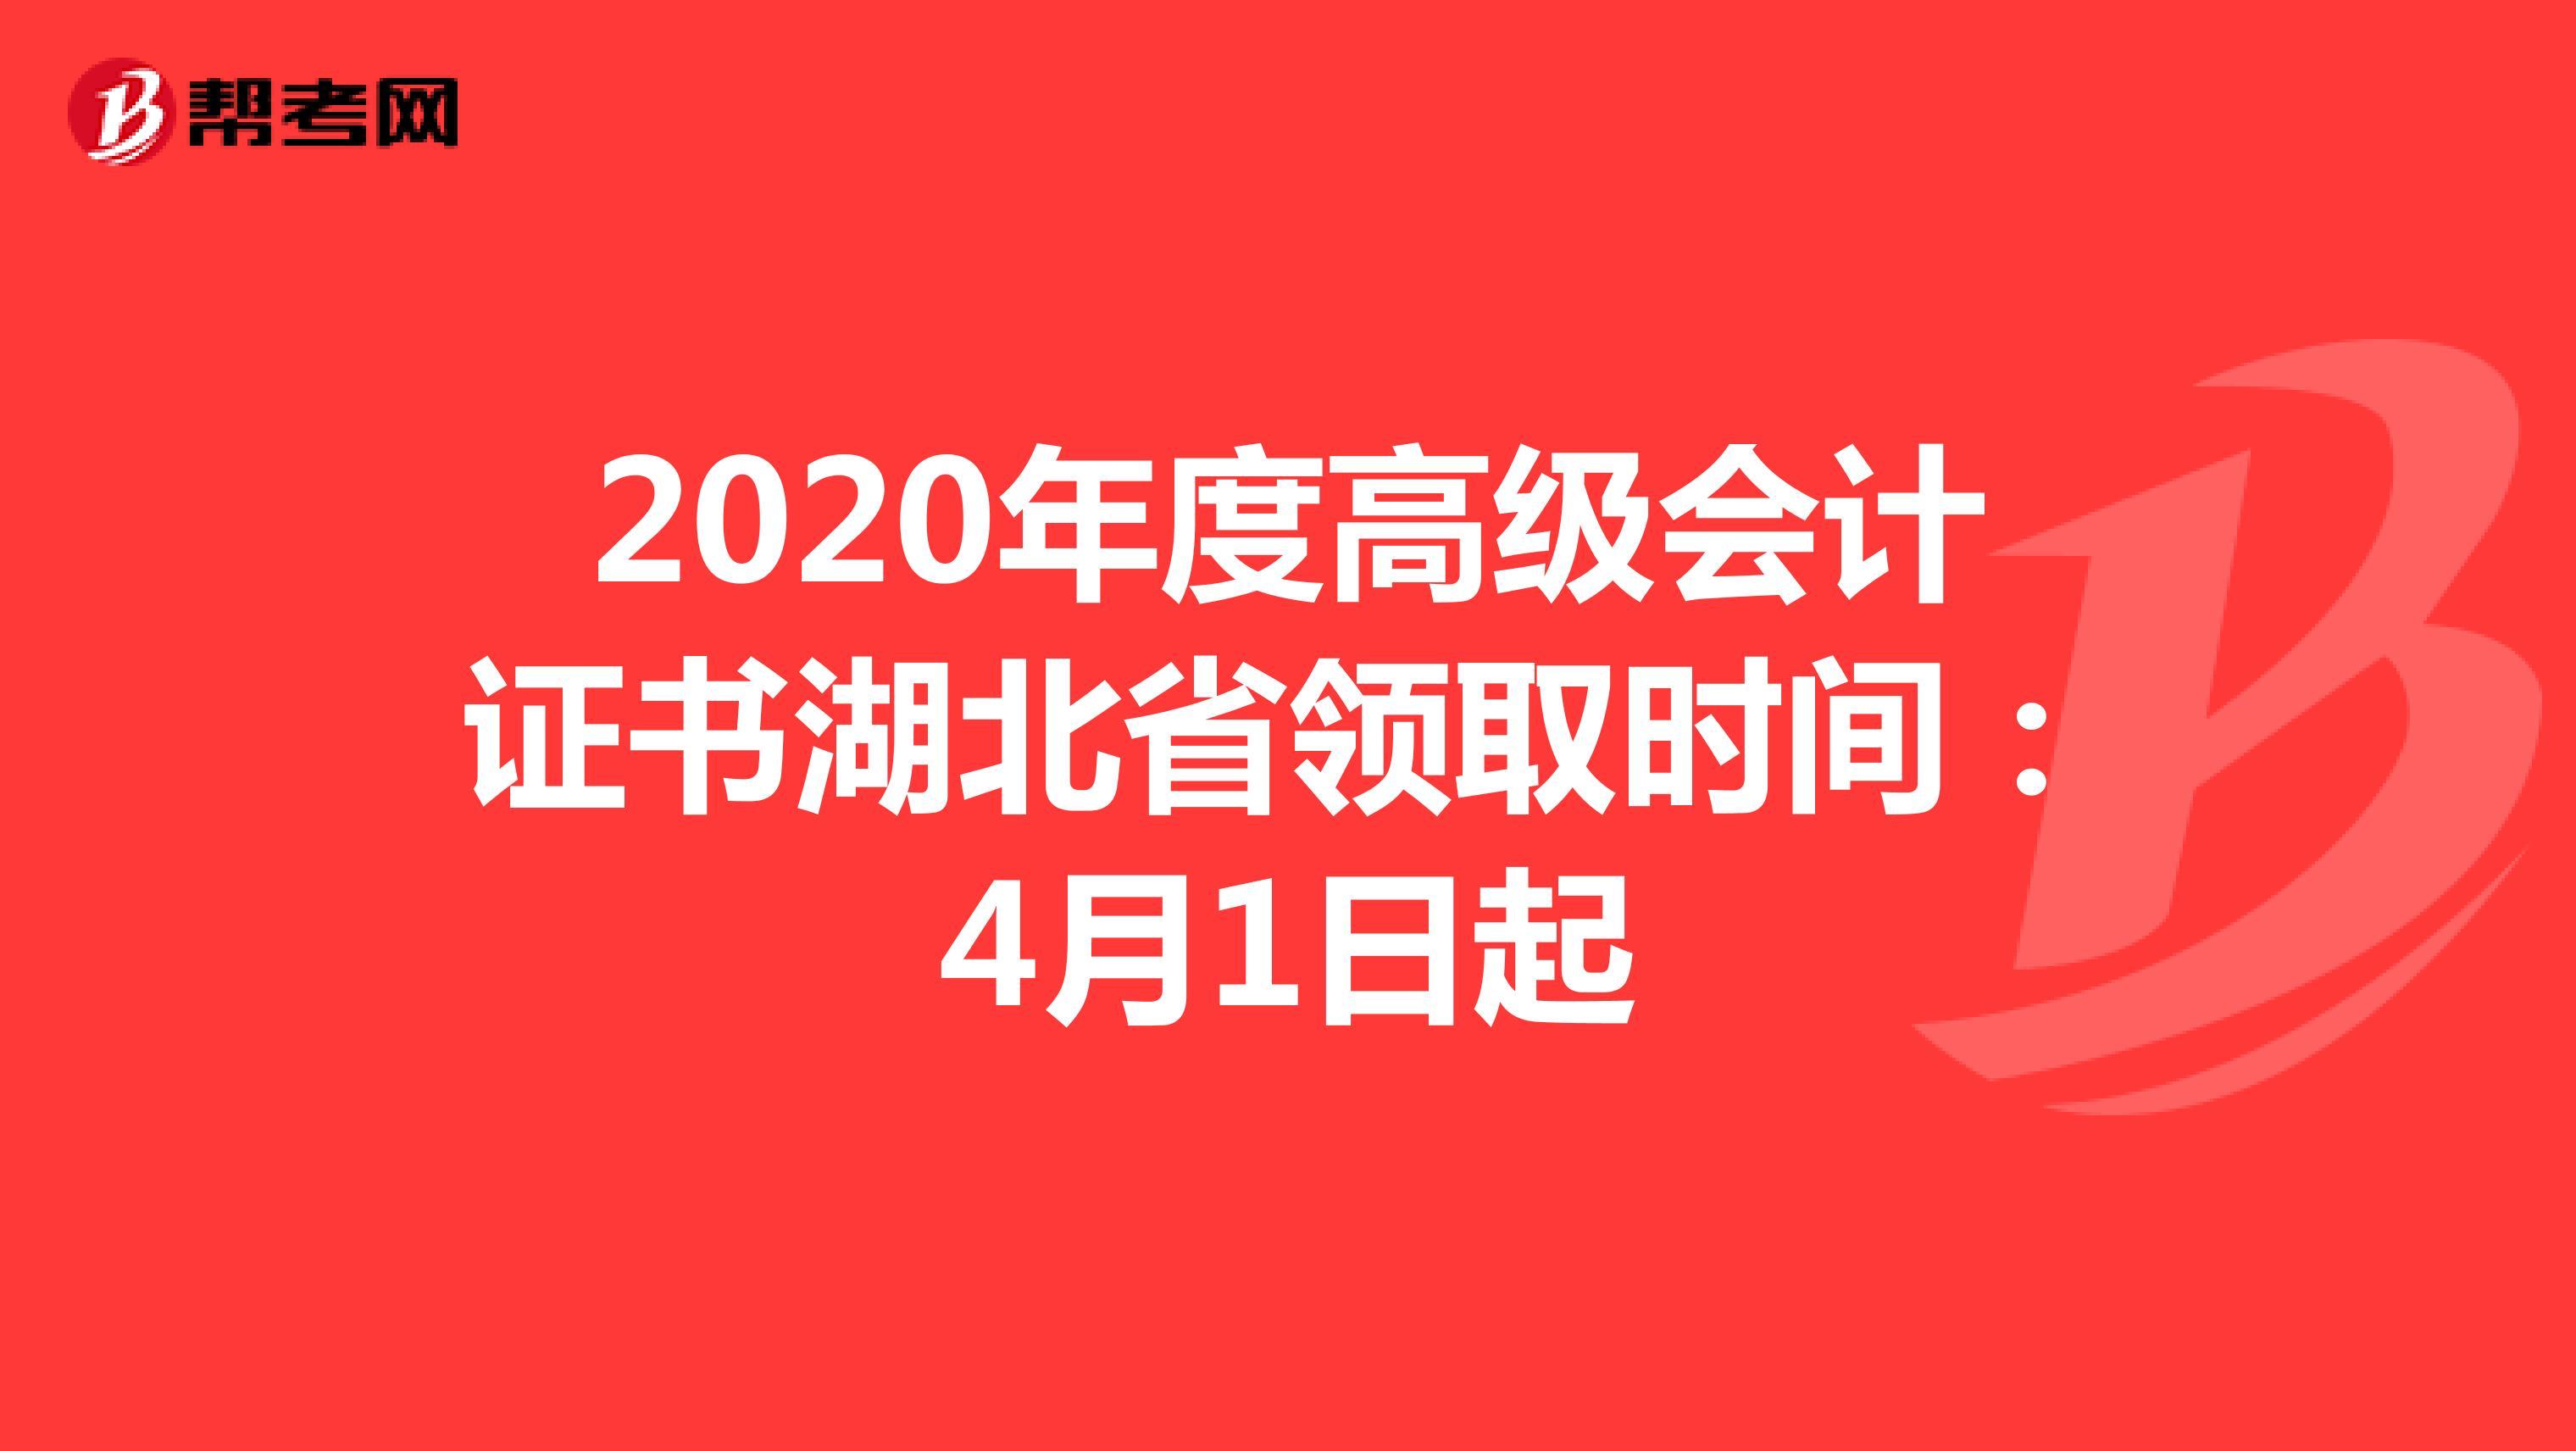 2020年度高级会计证书湖北省领取时间:4月1日起